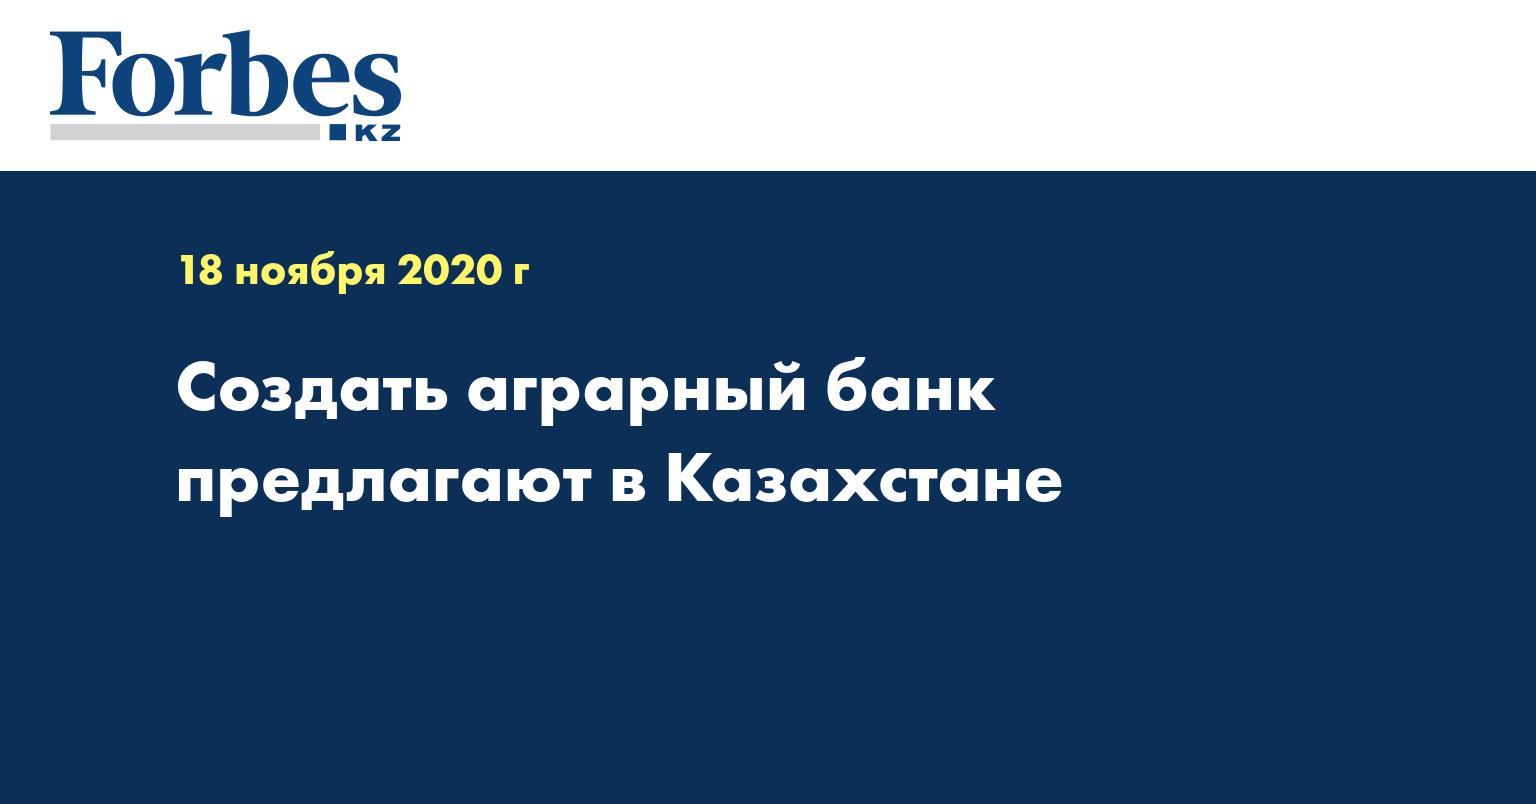 Создать аграрный банк предлагают в Казахстане